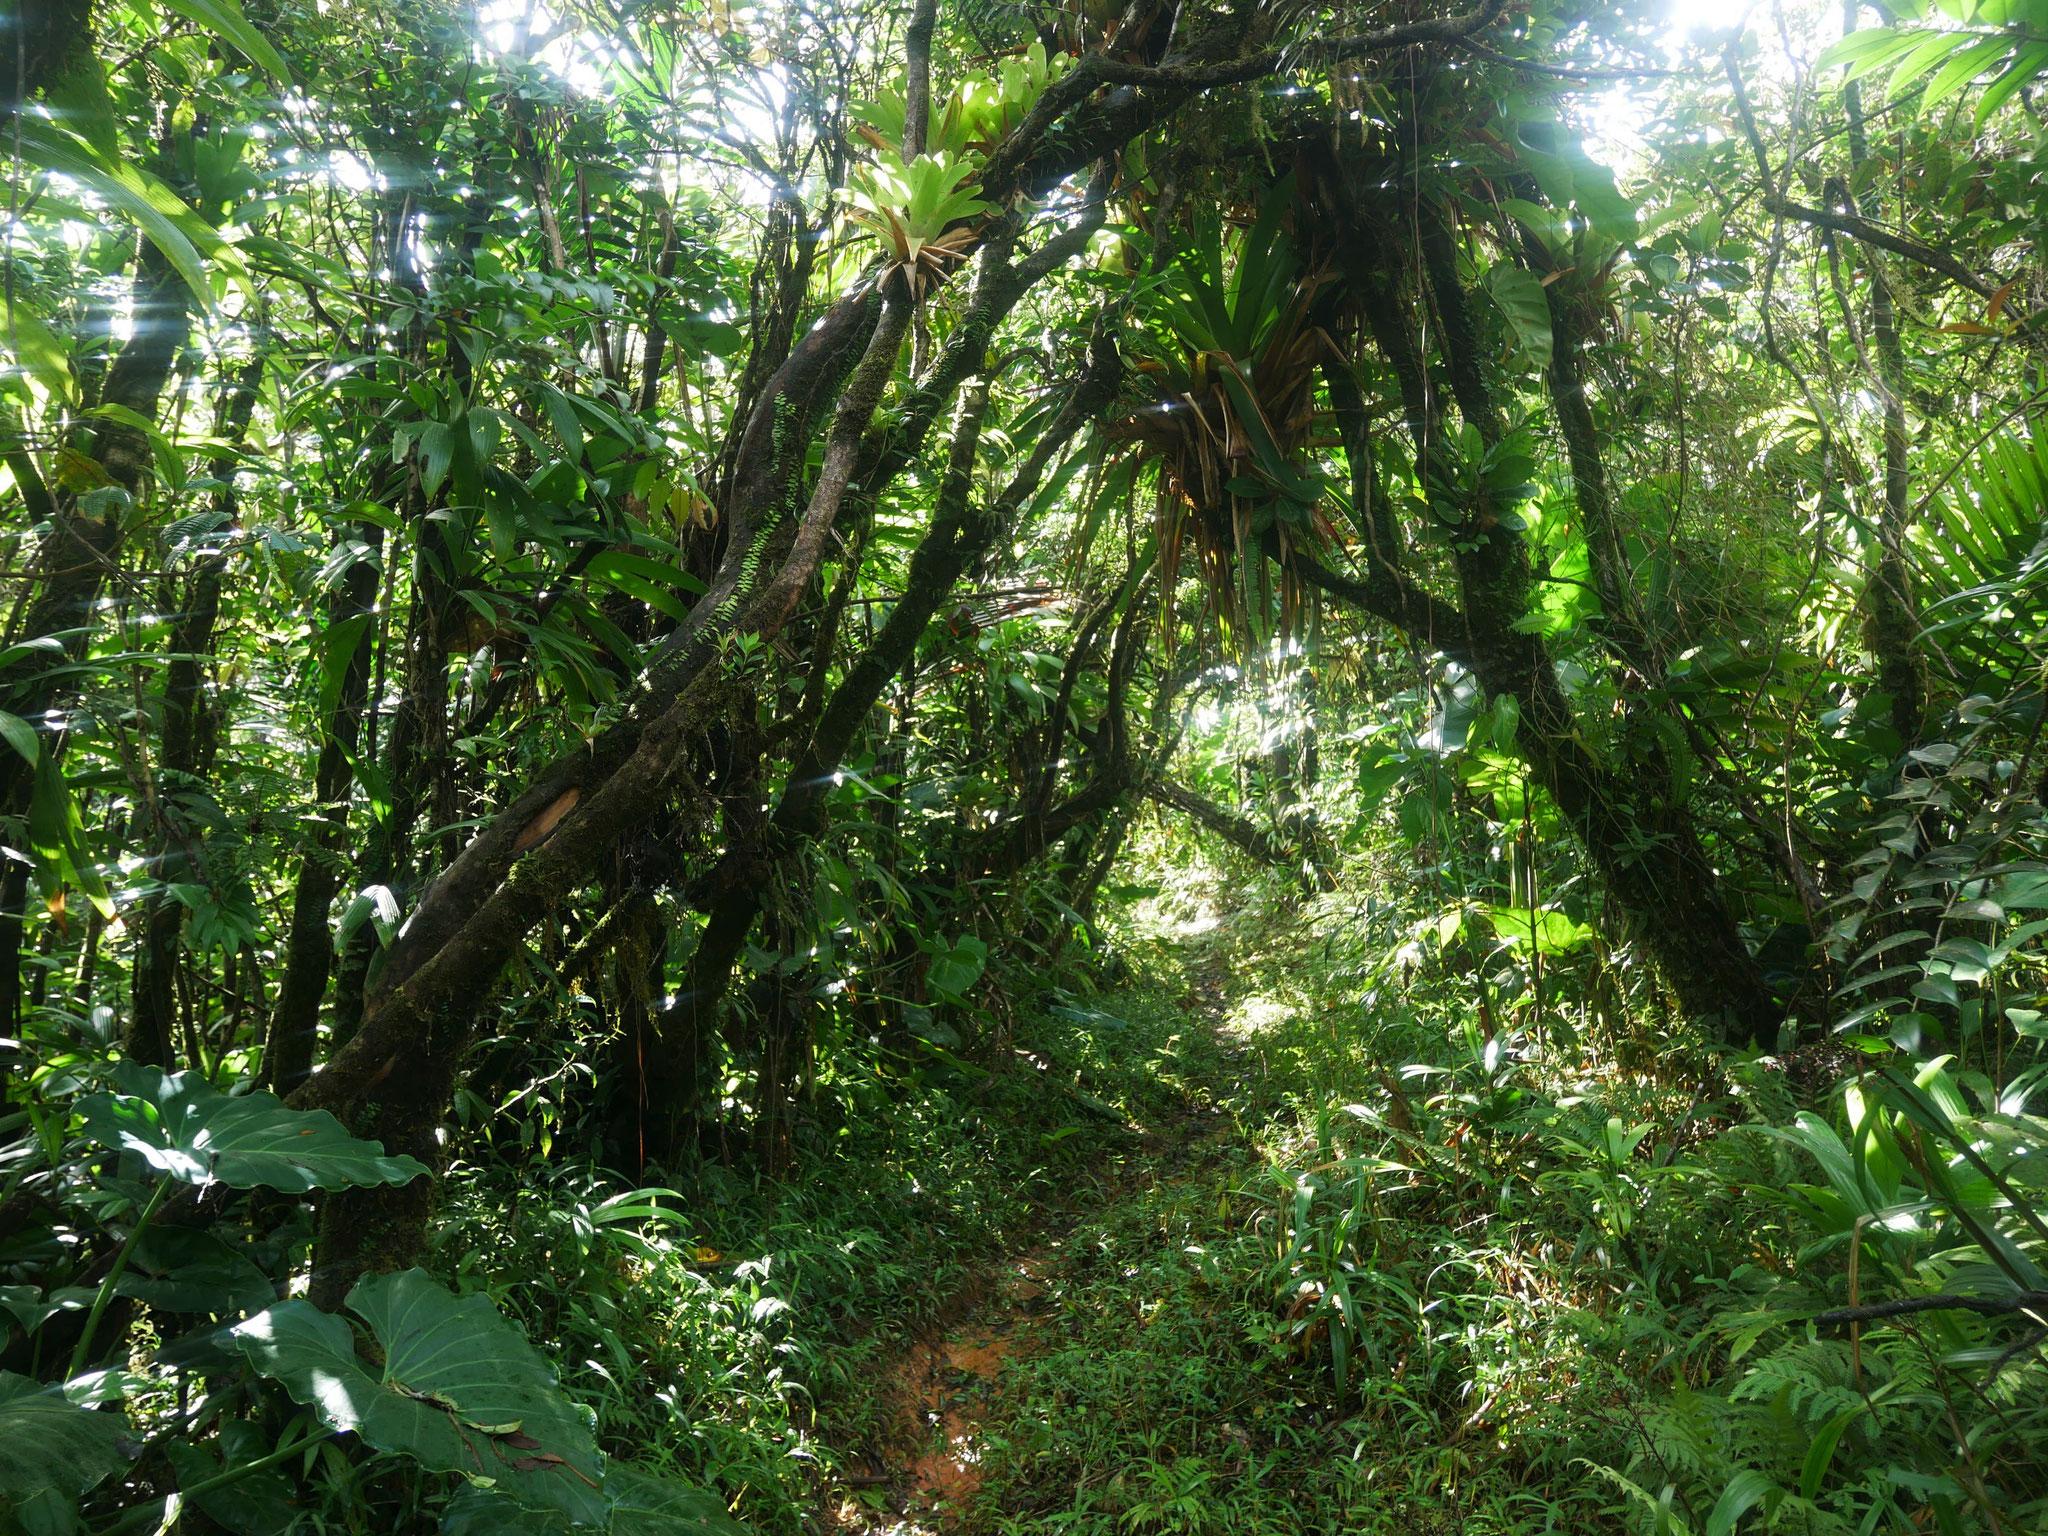 Toujours sous la canopée tropicale